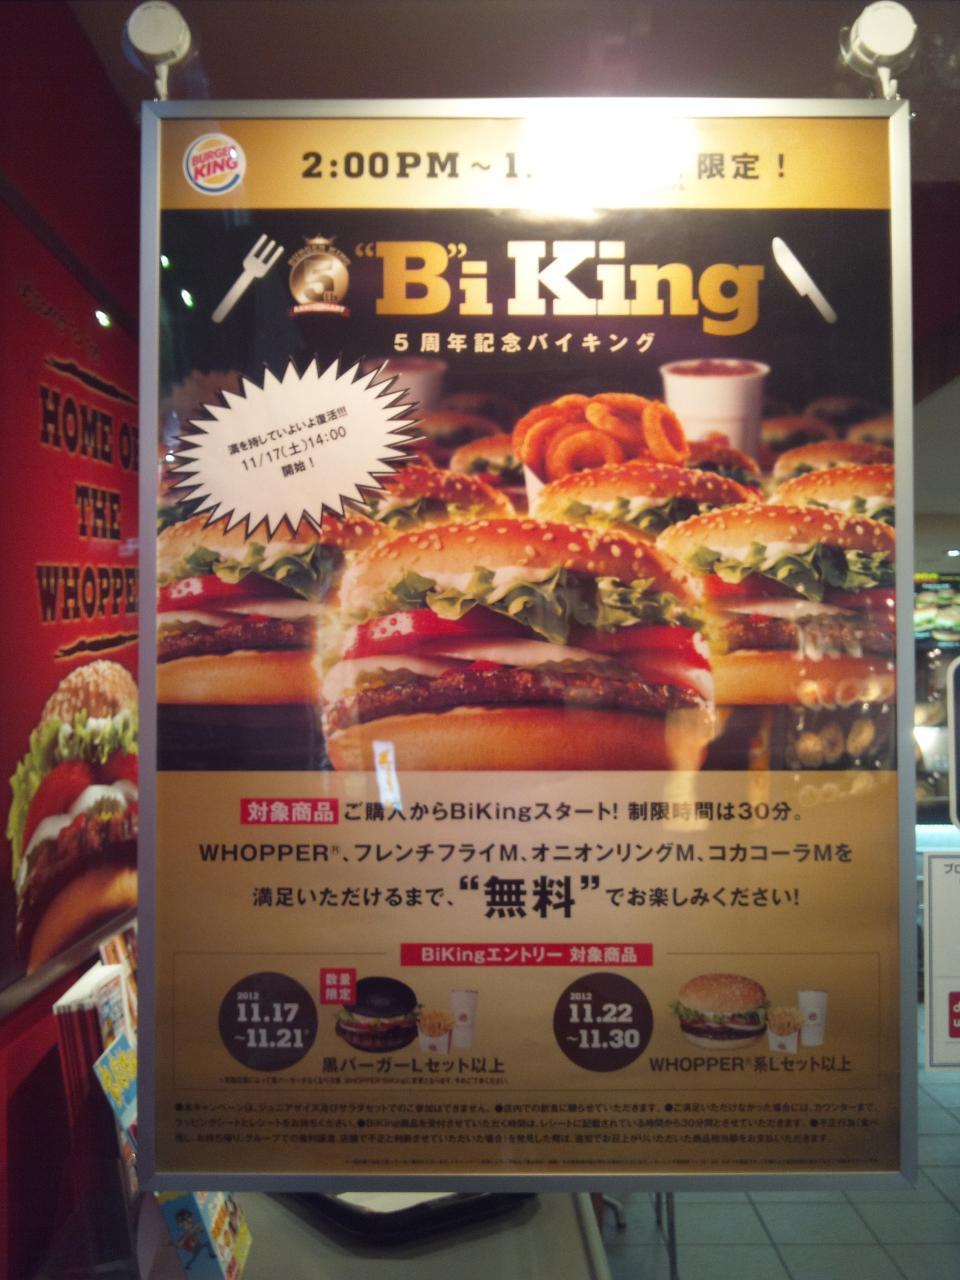 バーガーキング(BiKing)